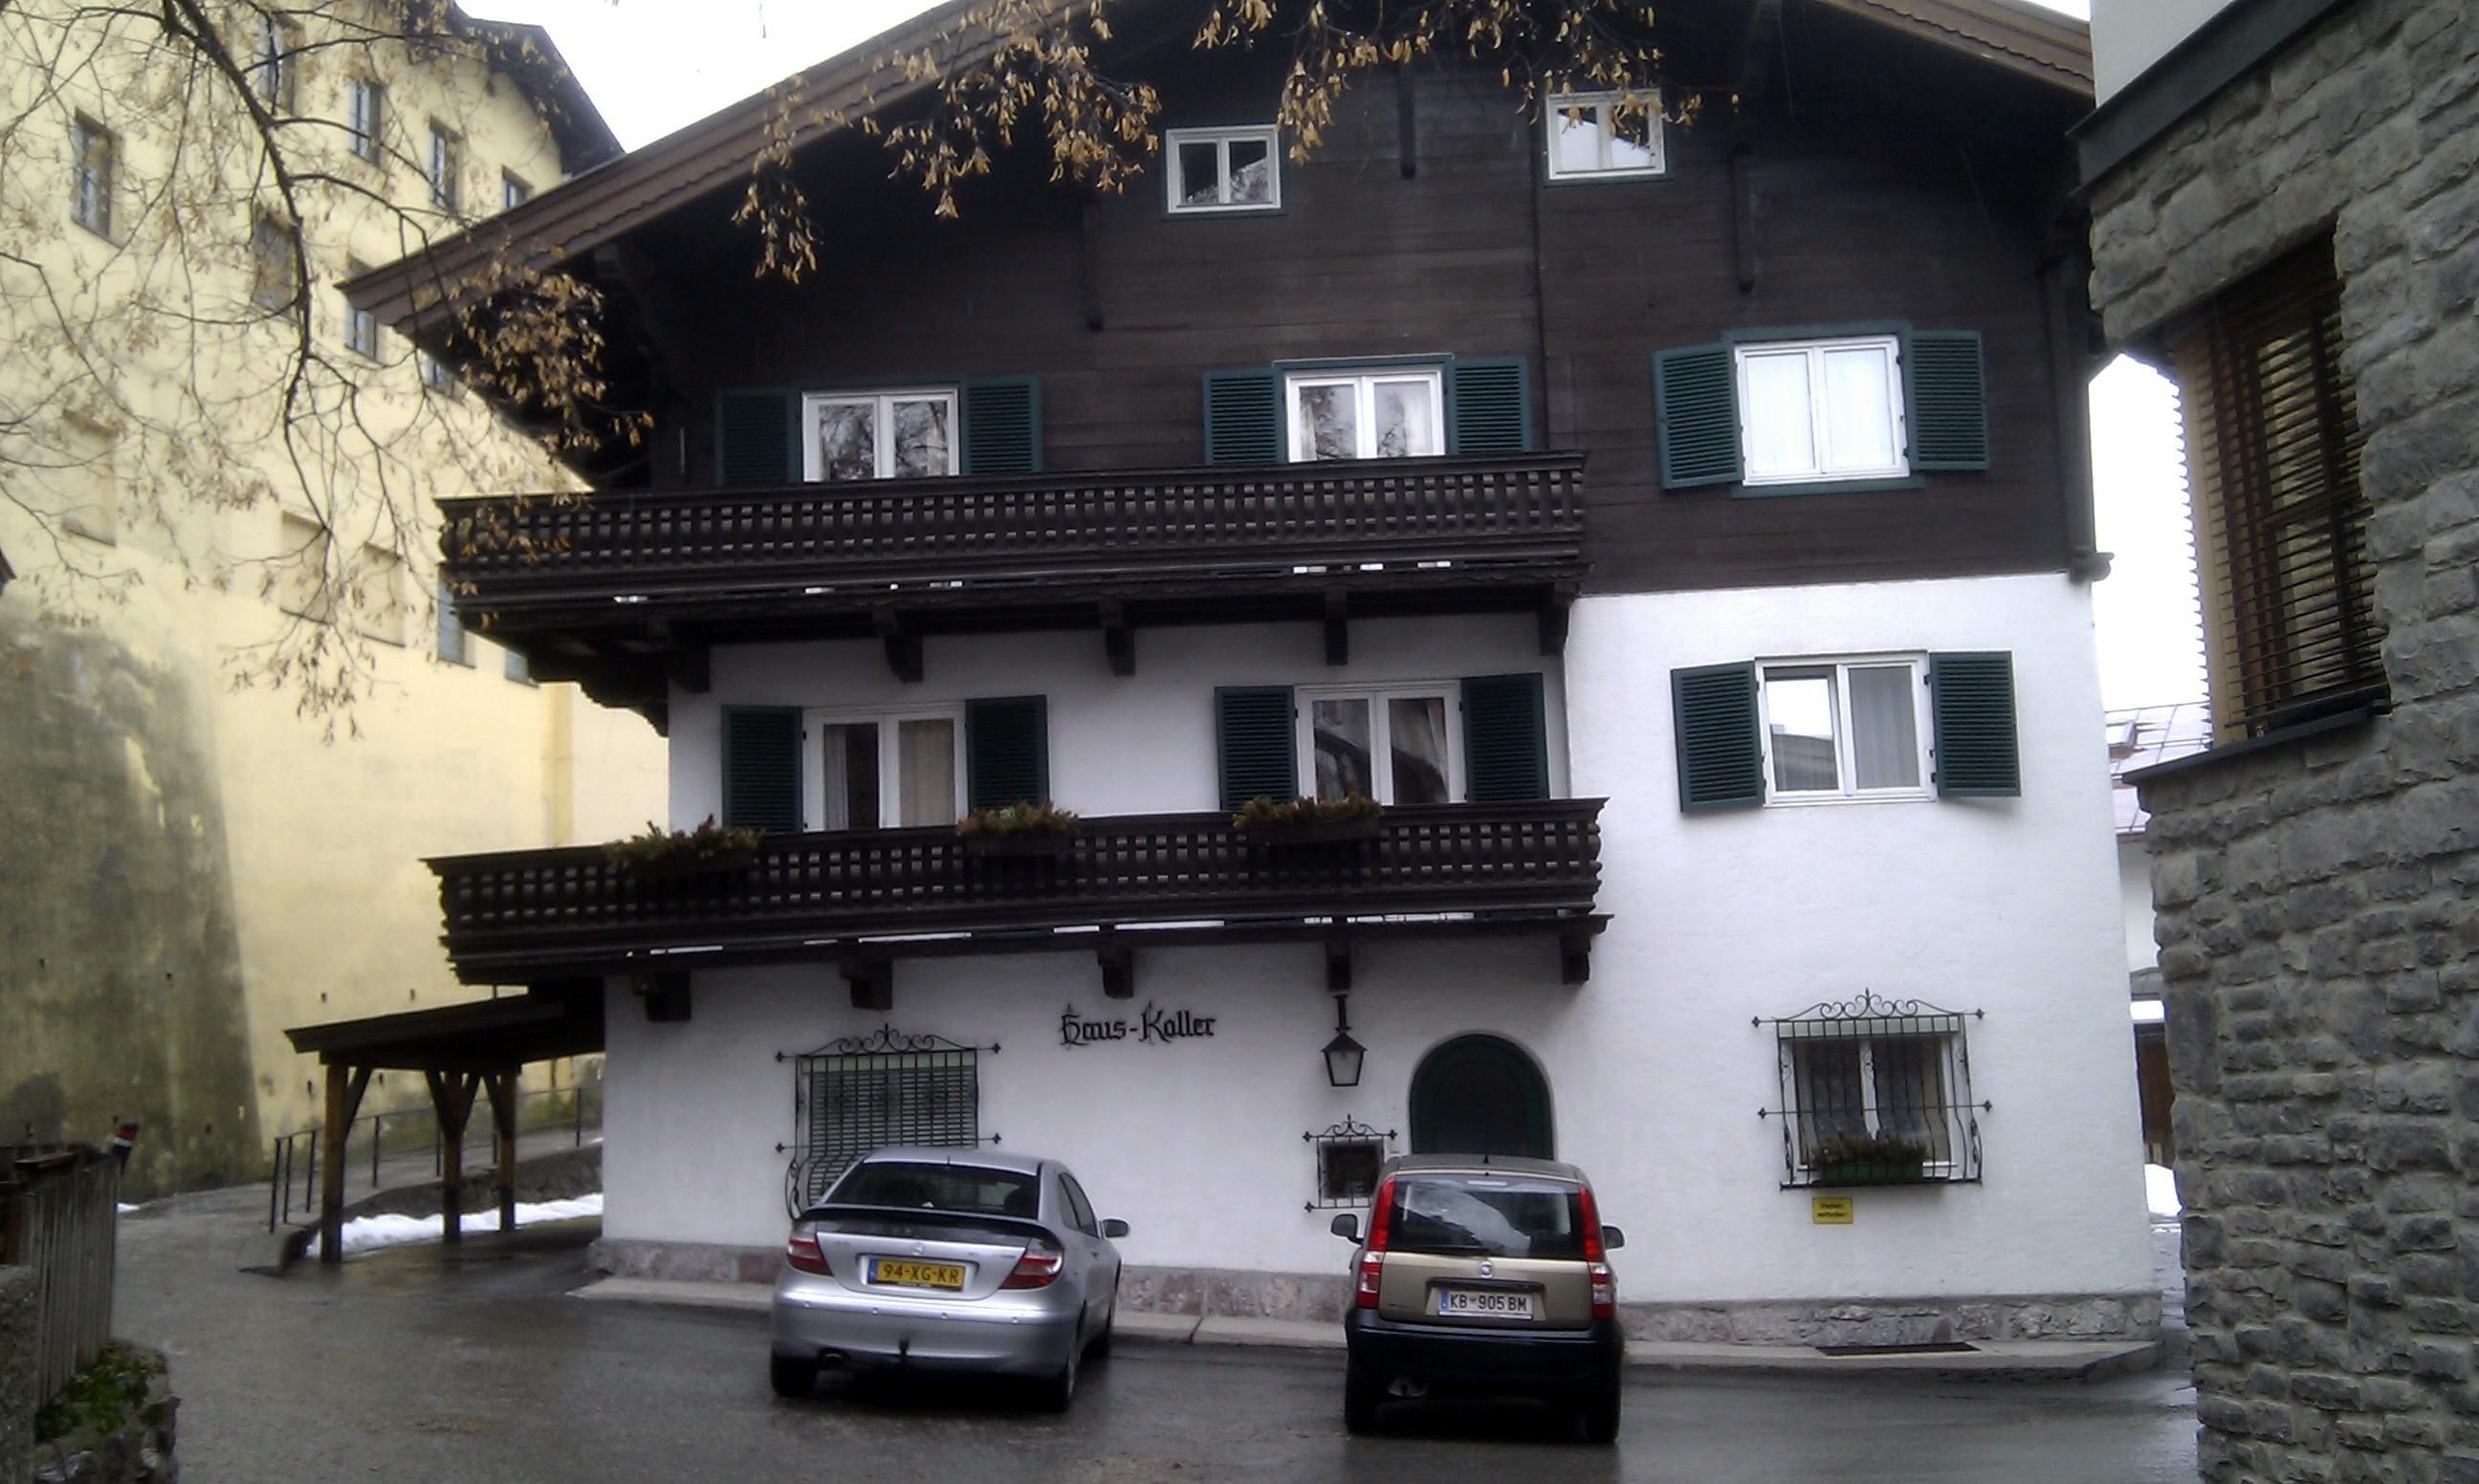 Haus Koller